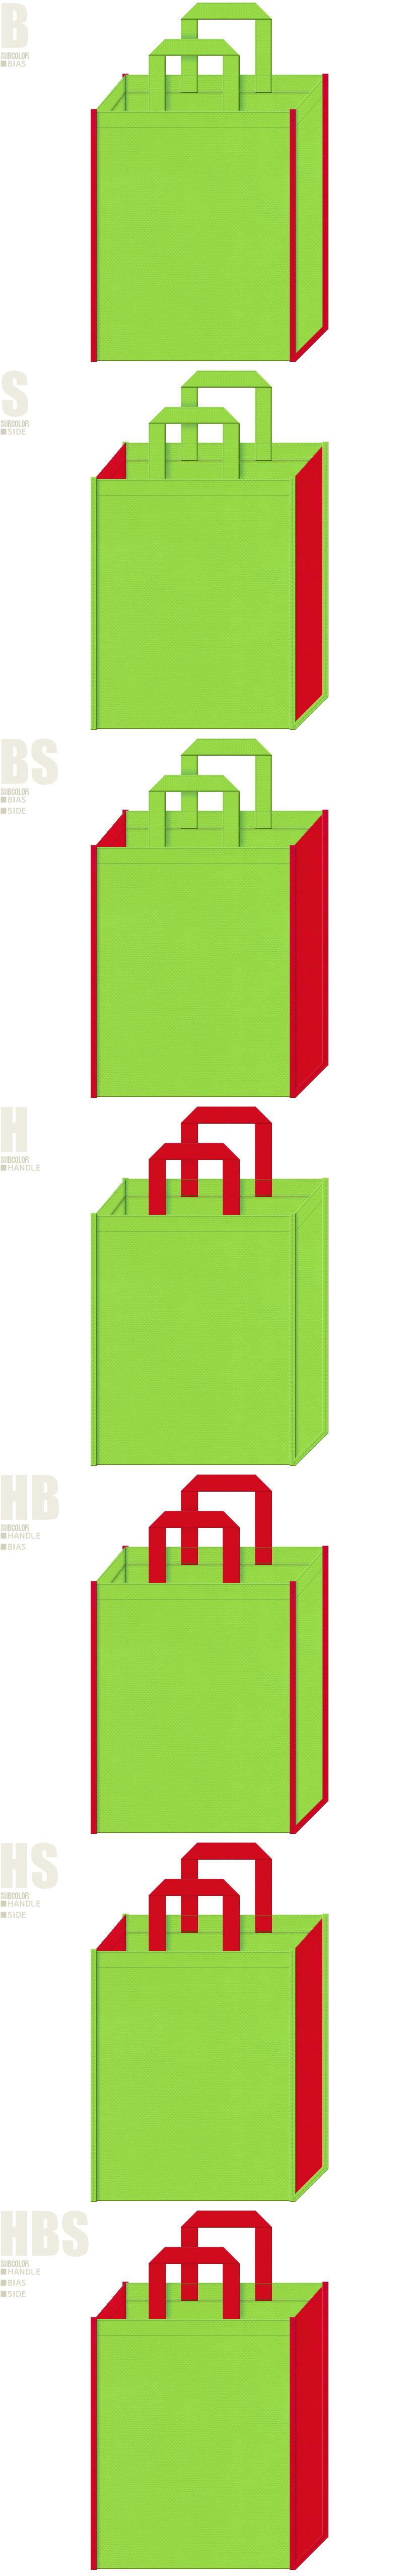 和風庭園・茶会・野点傘のイメージにお奨めの不織布バッグデザイン:黄緑色と紅色の不織布バッグ配色7パターン。